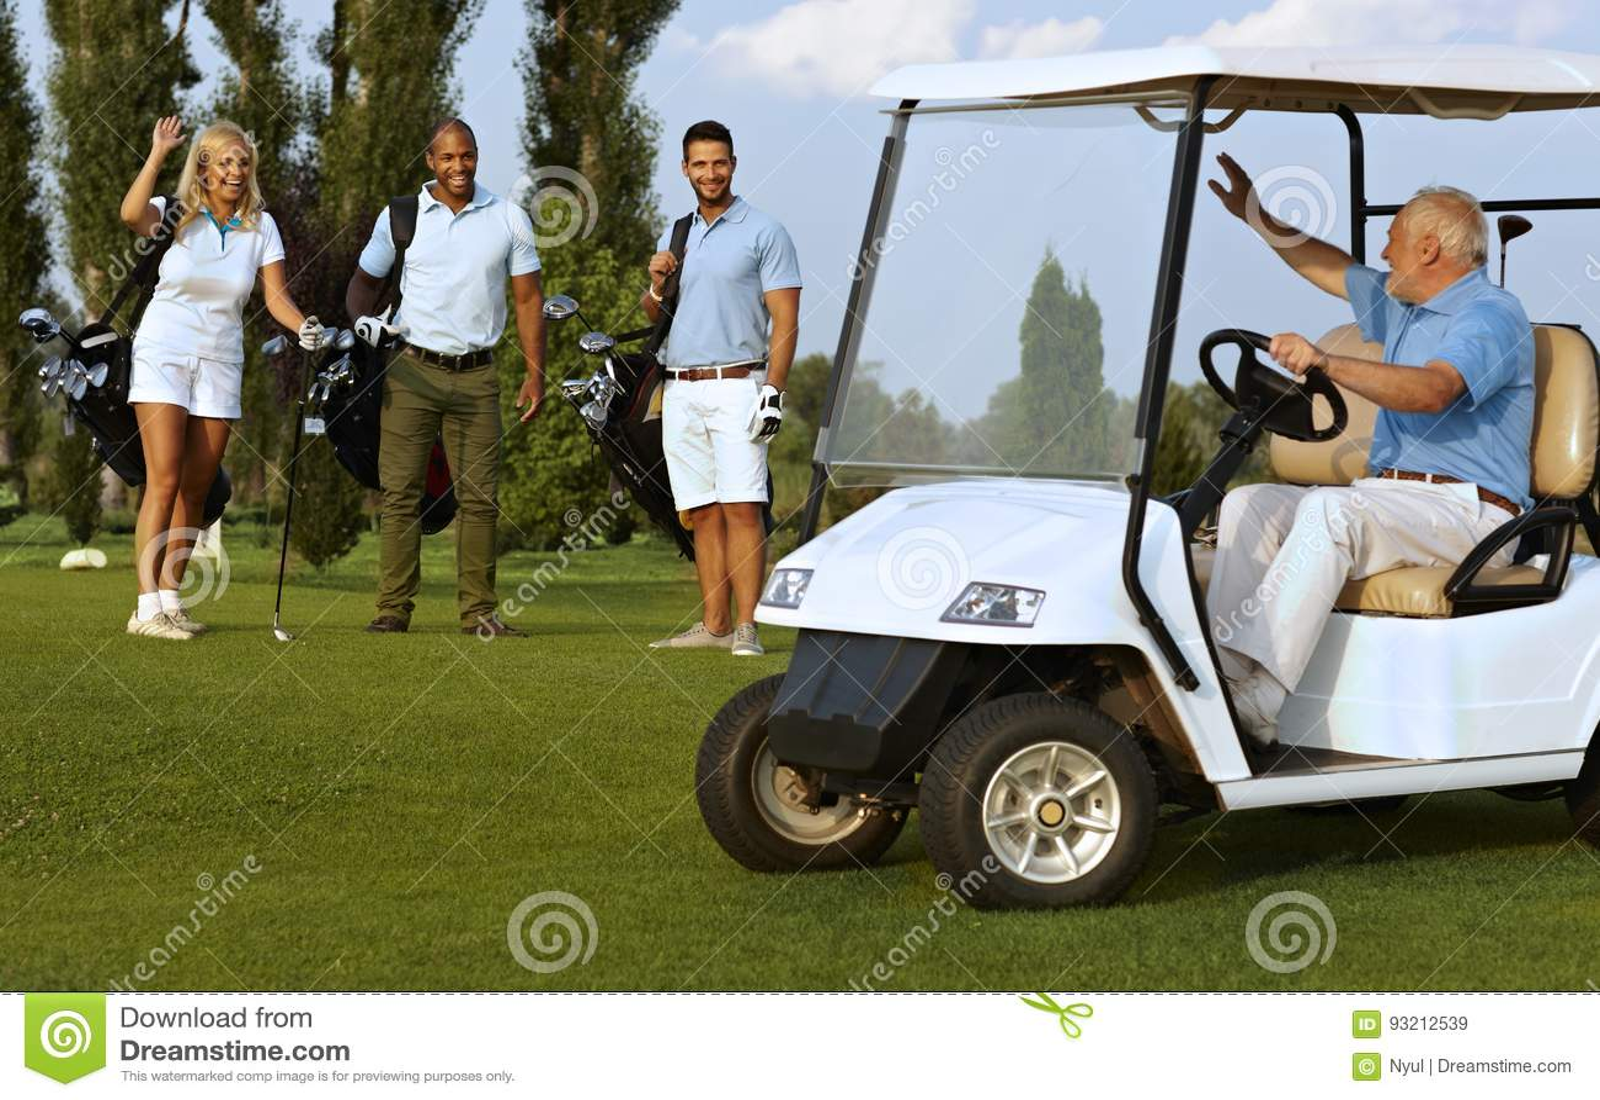 Partnery spotyka na polu golfowym